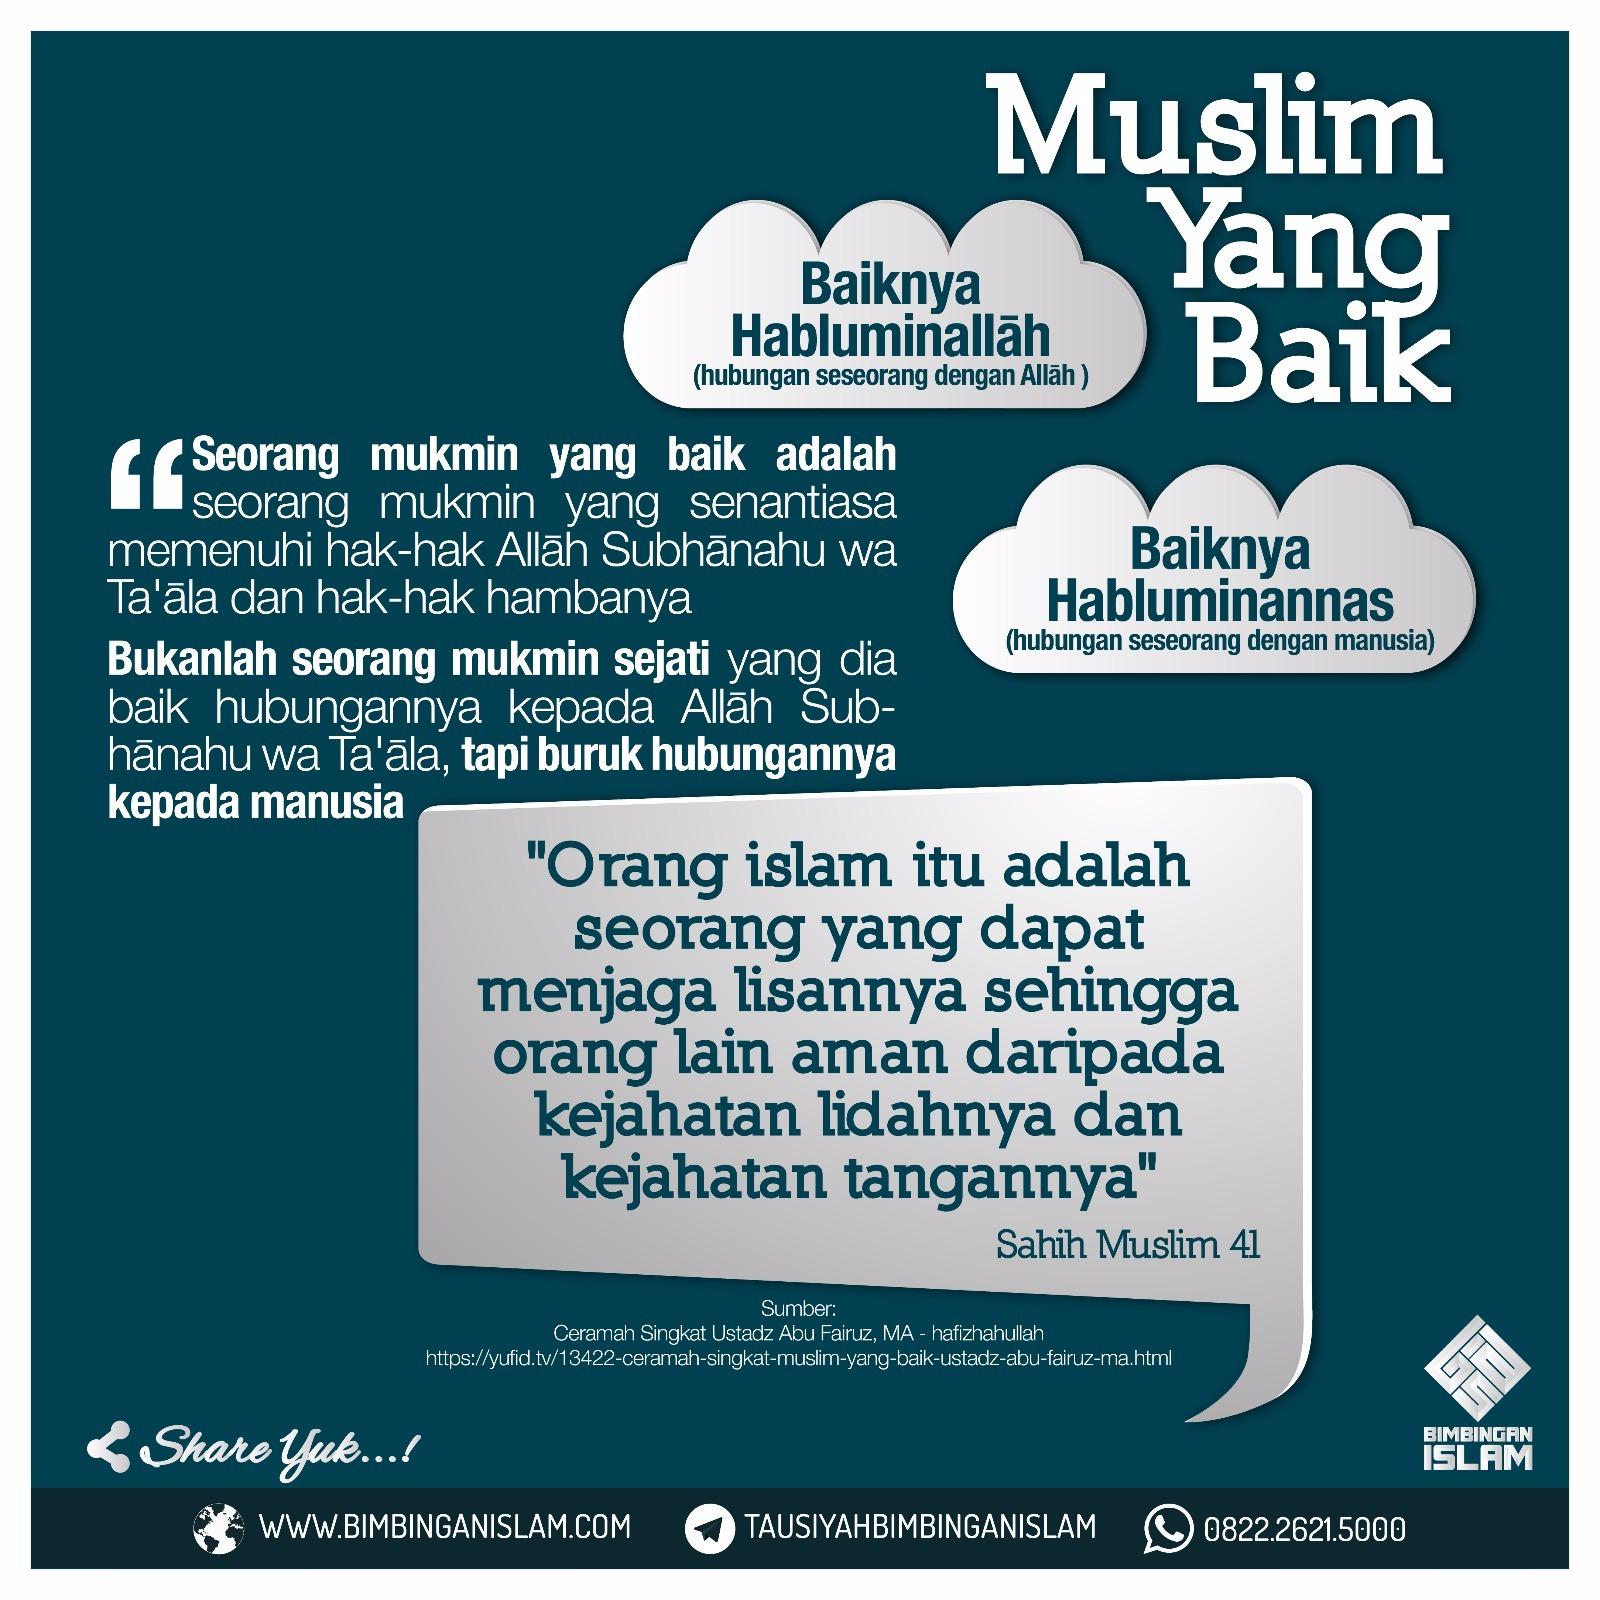 Ceramah Singkat Muslim Yang Baik Apbias